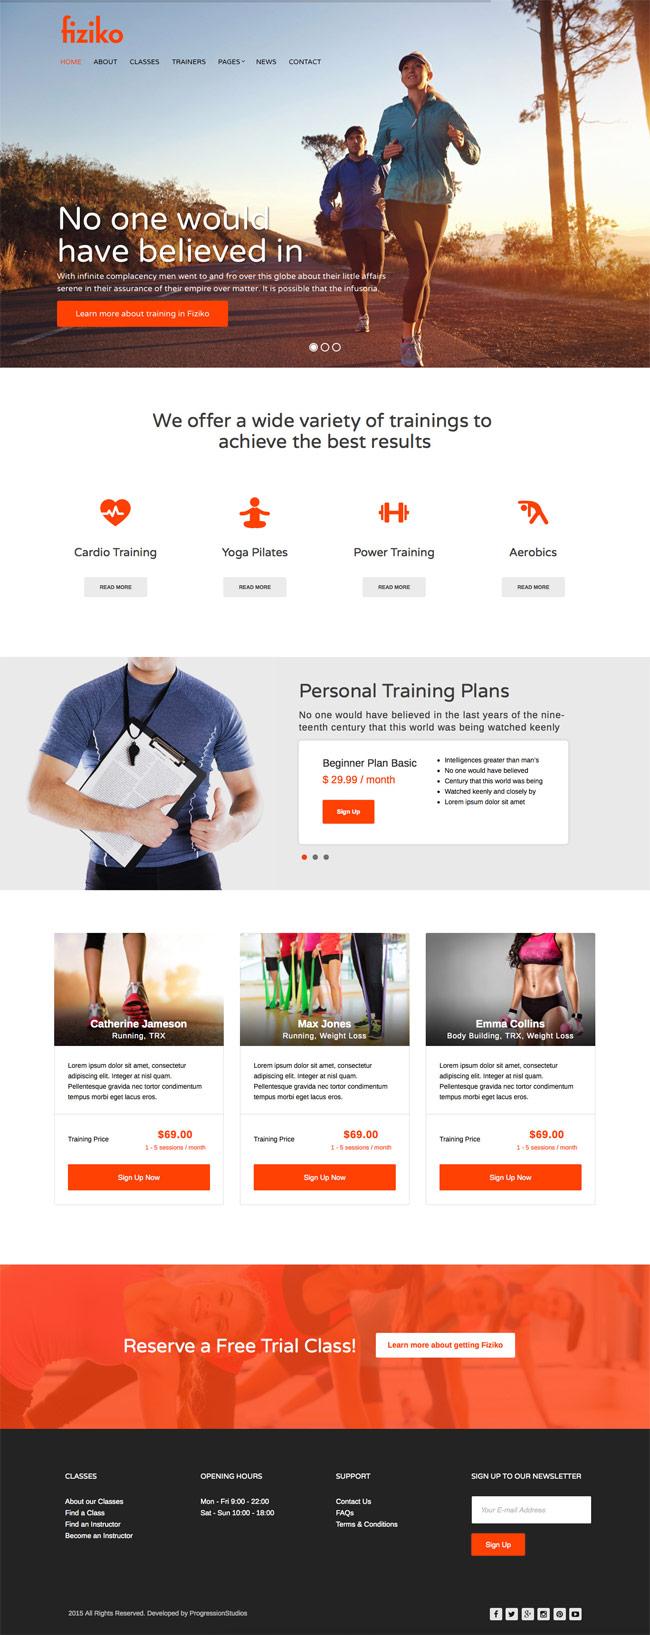 Fiziko-Fitness-GYM-WordPress-Theme